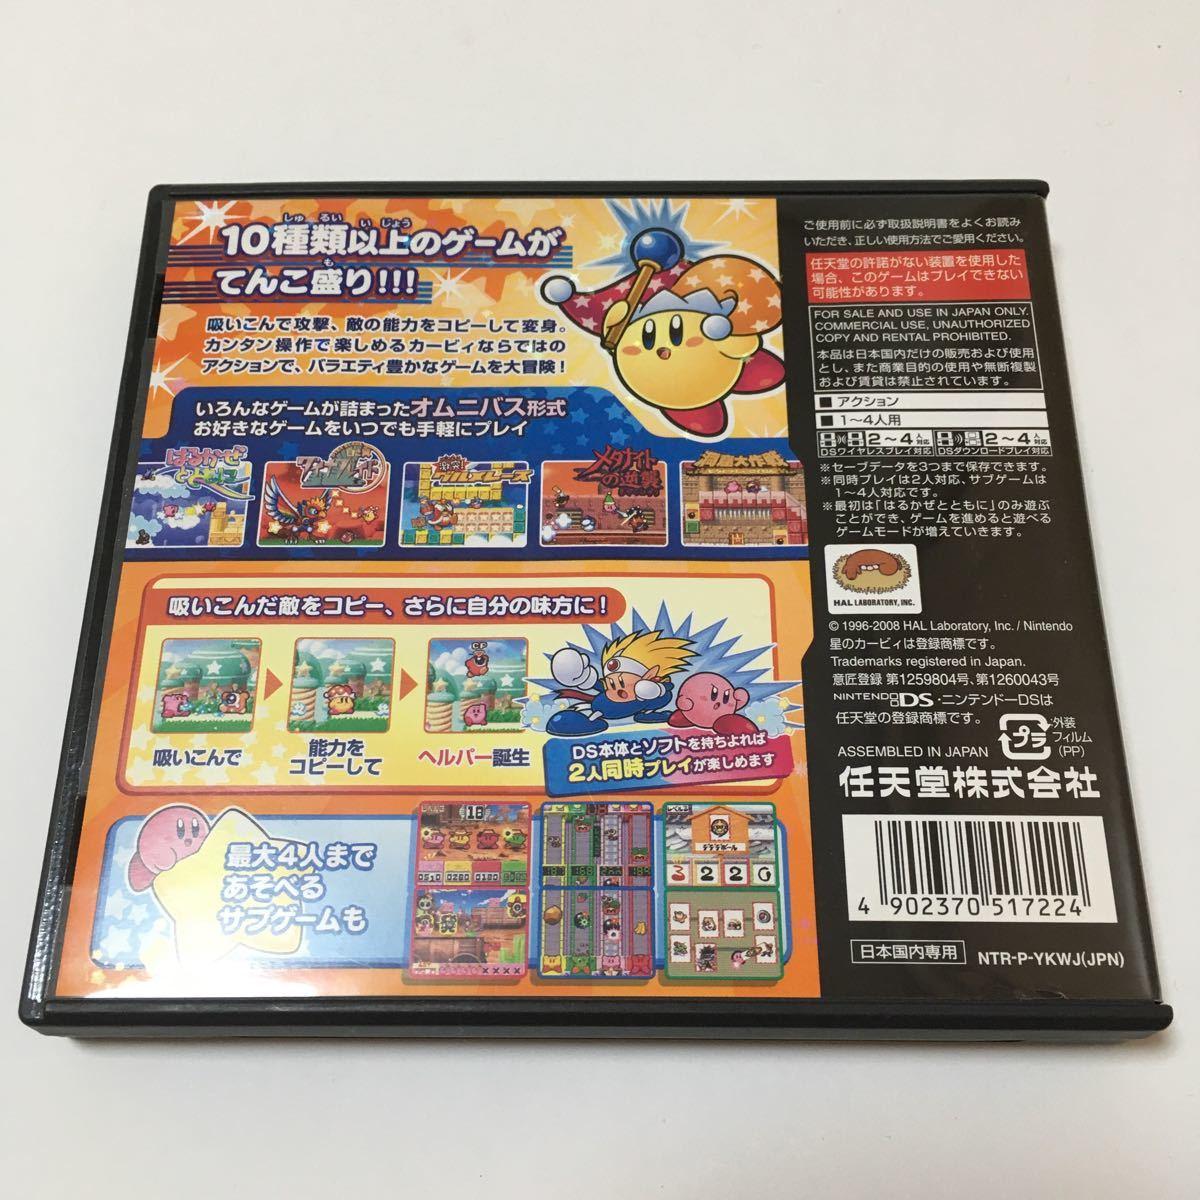 ニンテンドーDS ソフト 星のカービィ ウルトラスーパーデラックス 動作確認済み カセット ゲーム カービー スマブラ 任天堂